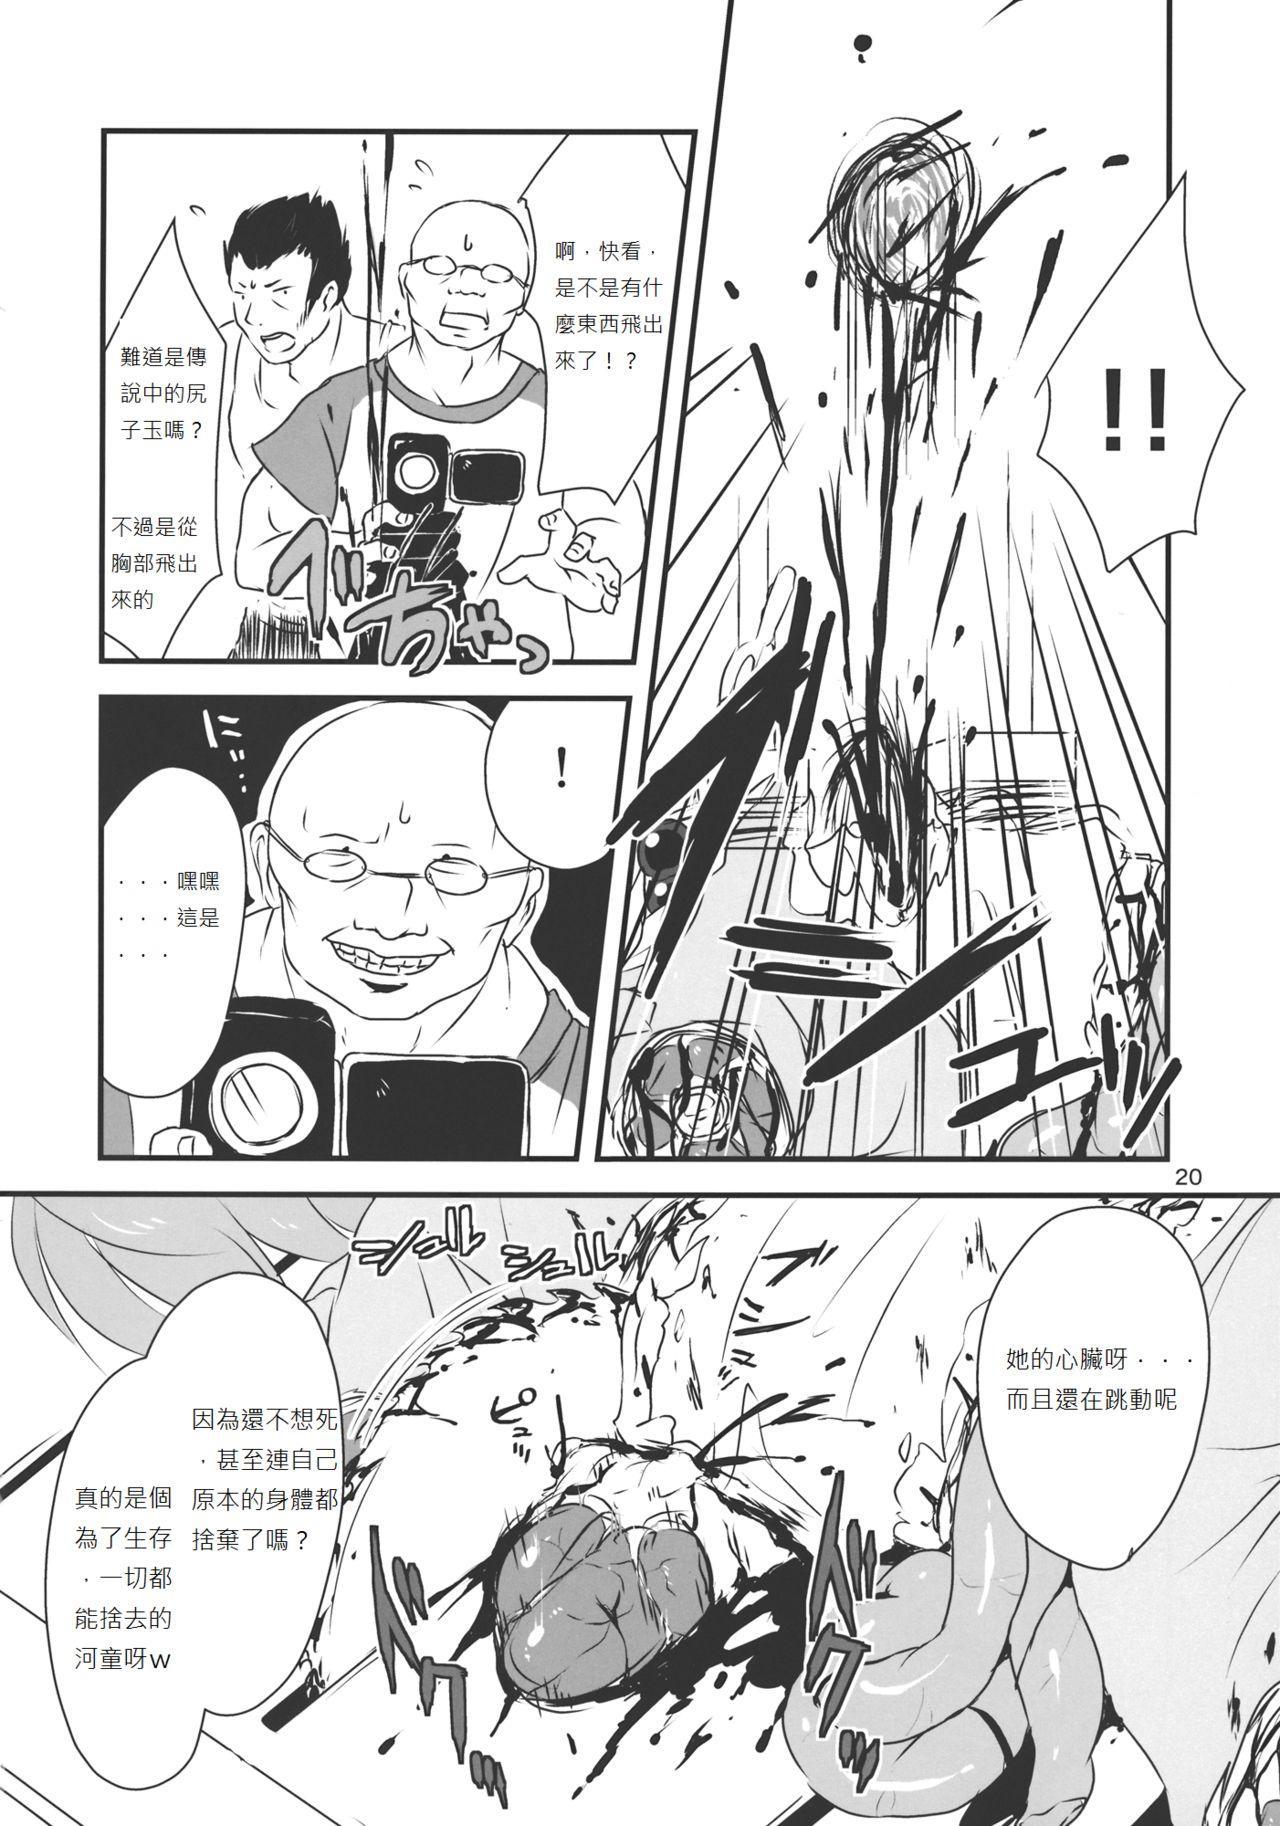 (Kouroumu 9) [02 (Harasaki)] (Kojin Satsuei)(Touhou)(Kouroumu 9)[02] Touhou snuff vol.3 Kawashiro Nitori (Mushuusei) (Loli-kei Youjo no Kirei na Hadaka wo Suki Houdai shichai mashita!).avi (Touhou Project) [Chinese] [布洛基个人汉化] 20